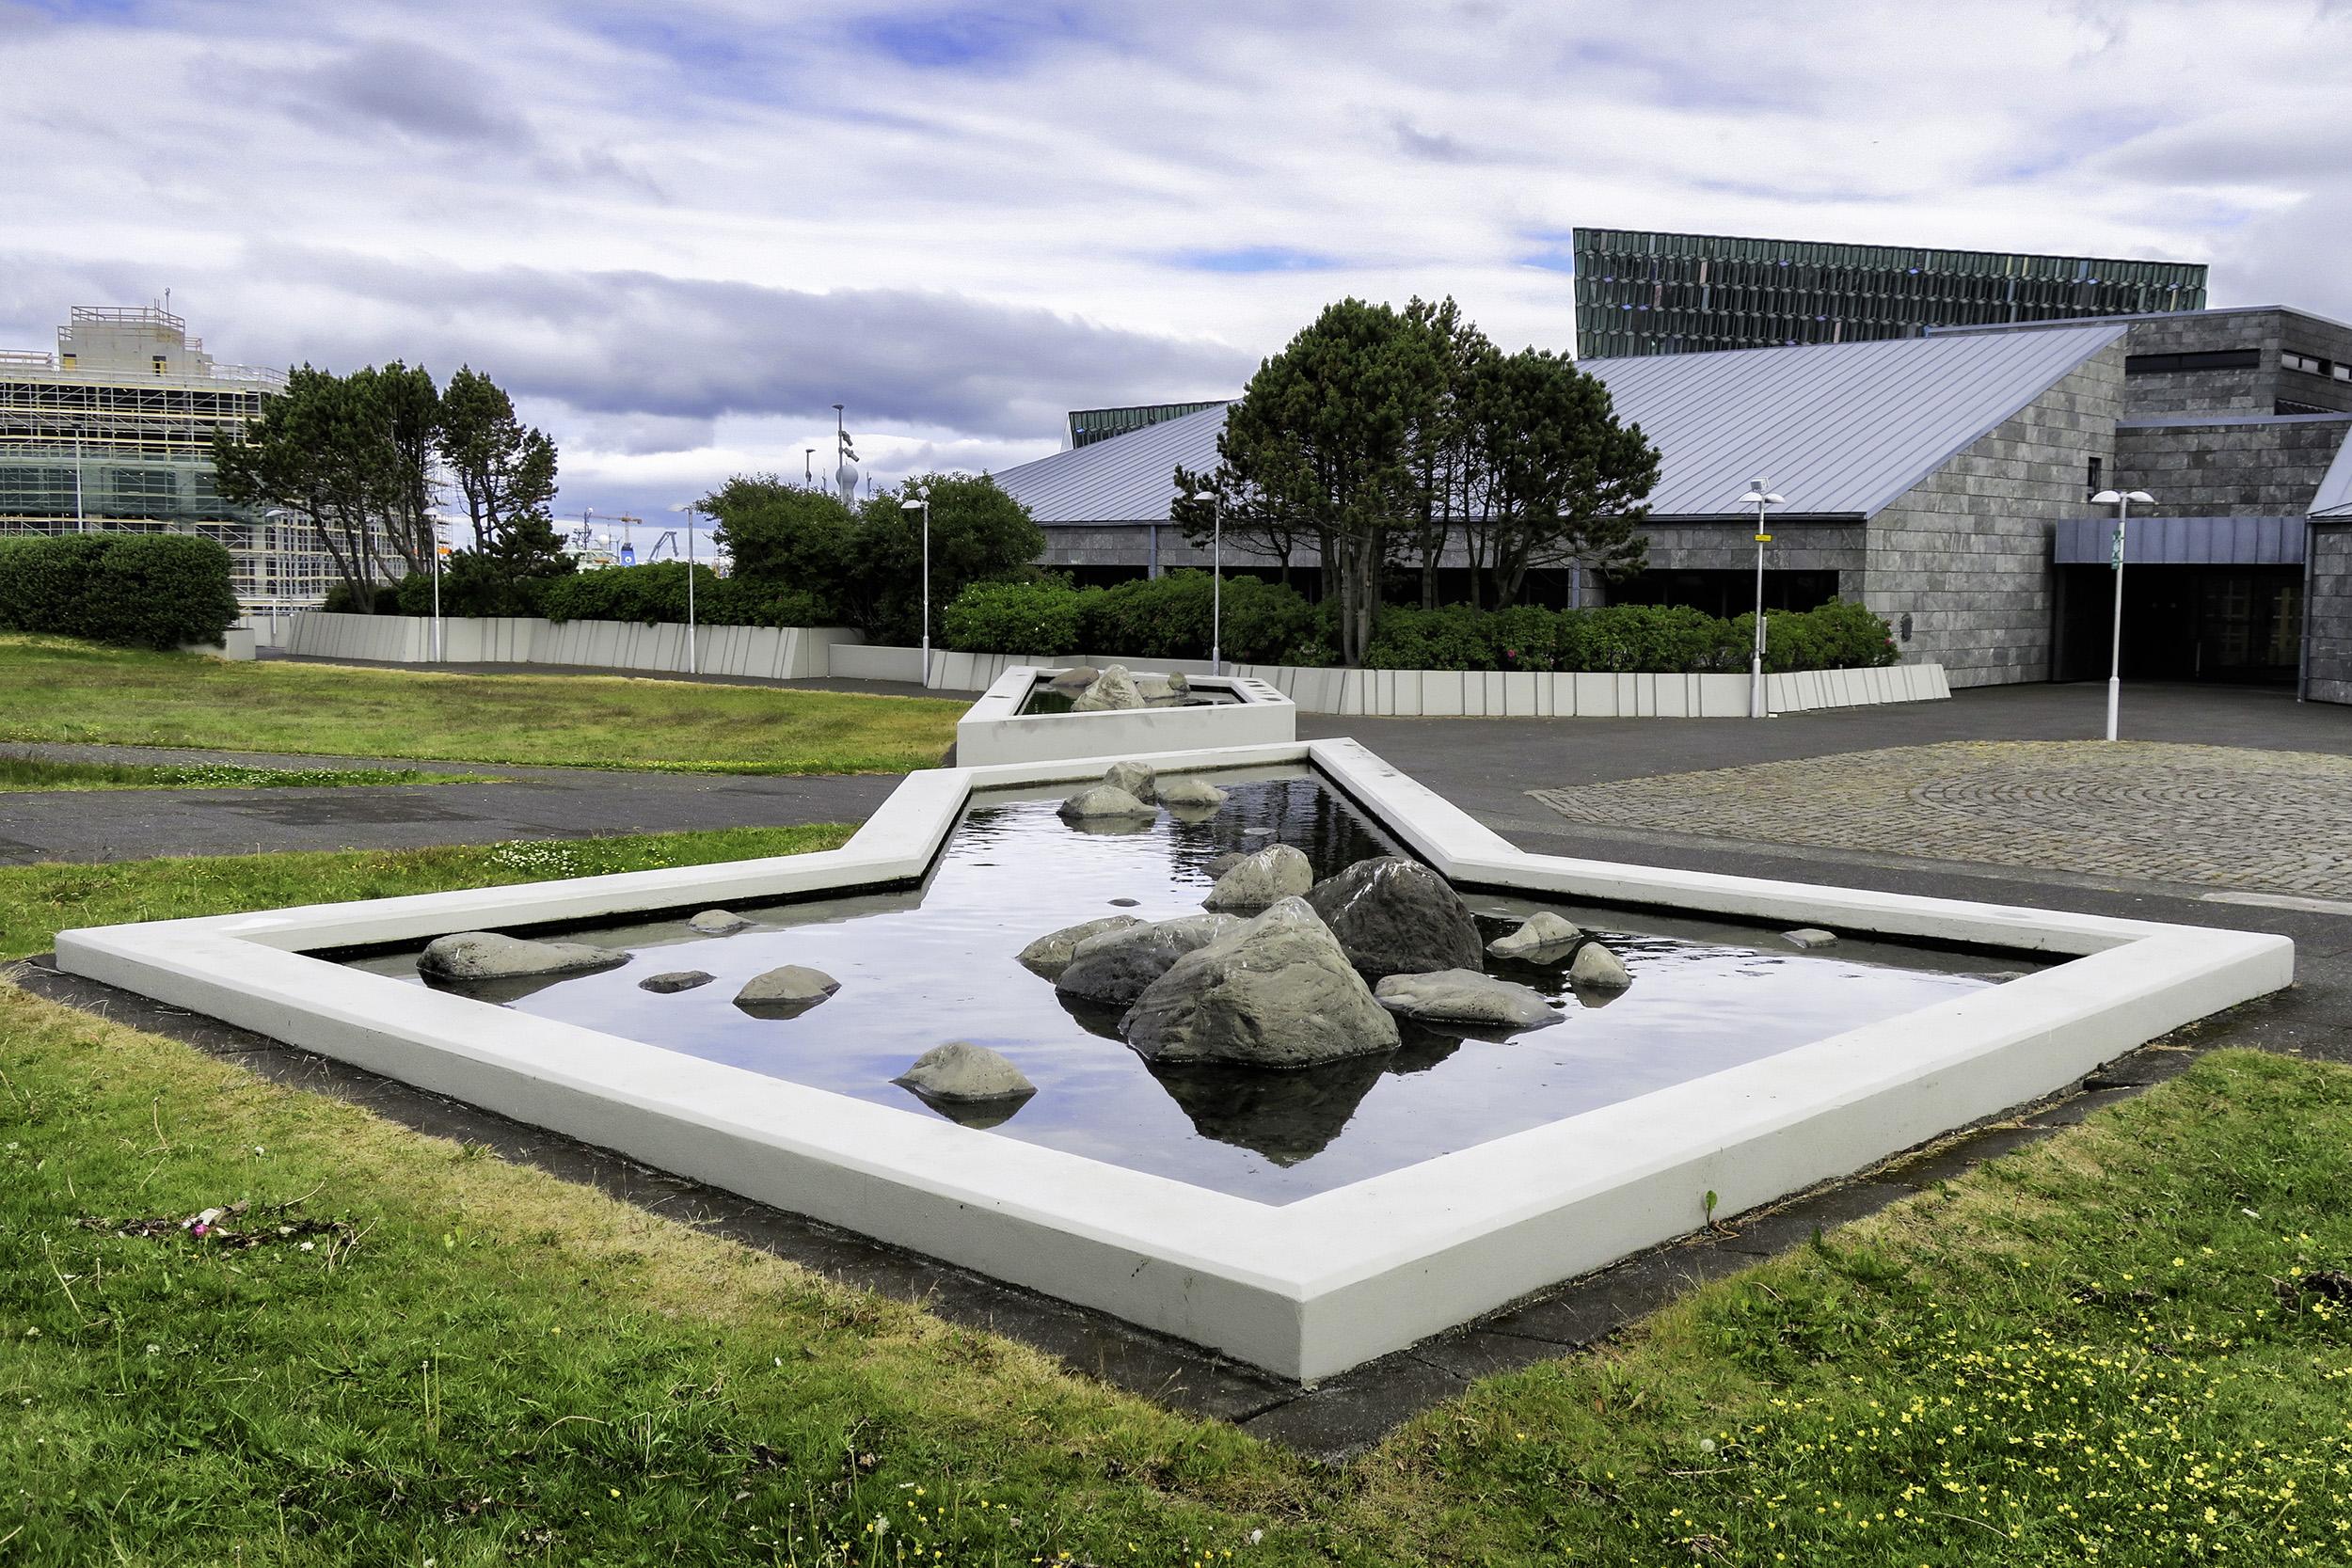 Central Bank of Iceland, Reykjavik